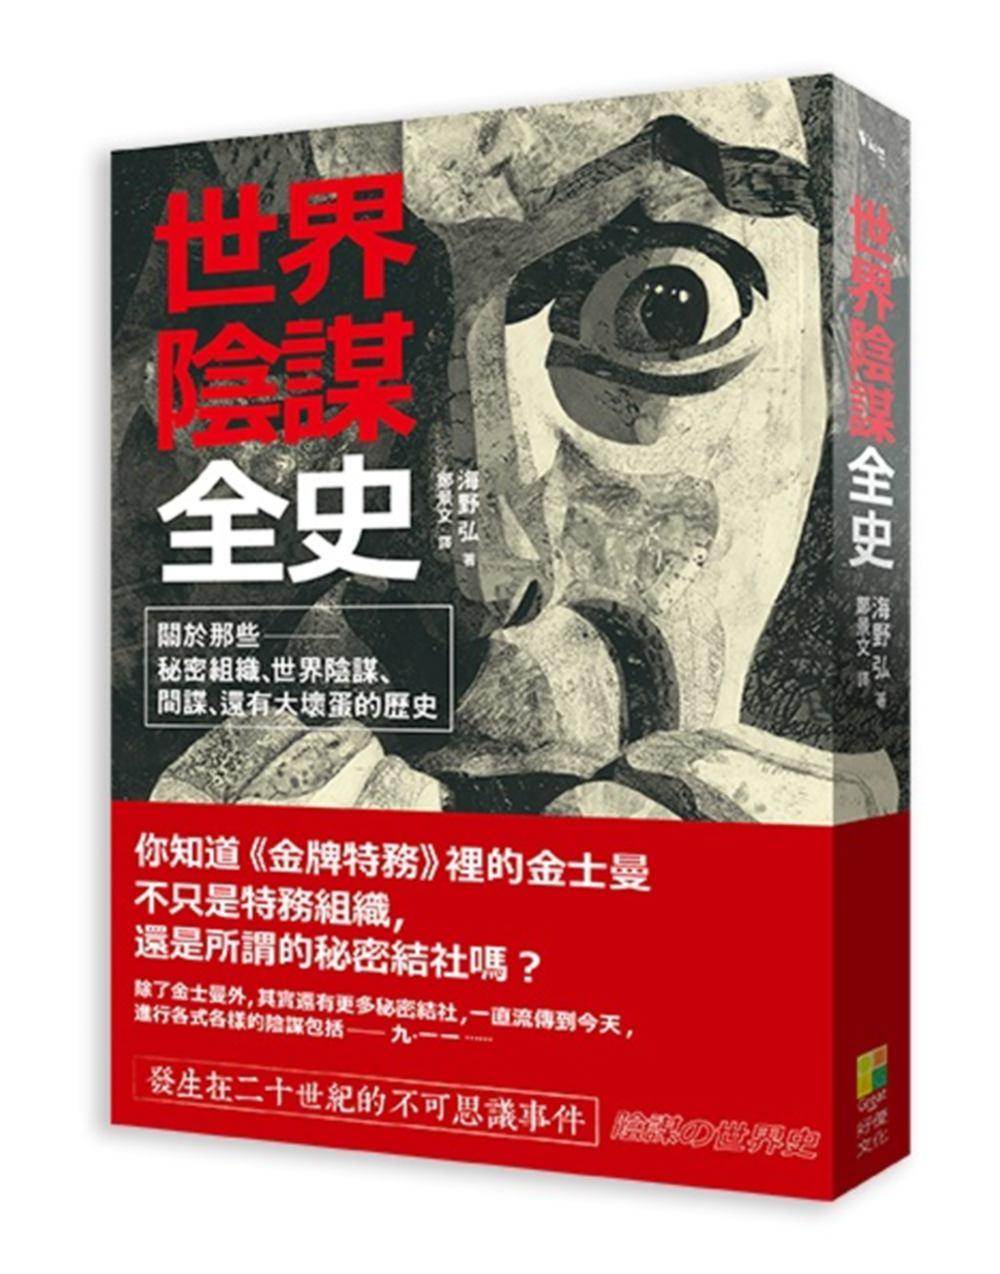 世界陰謀全史:關於那些秘密組織、世界陰謀、間諜,還有大壞蛋的歷史